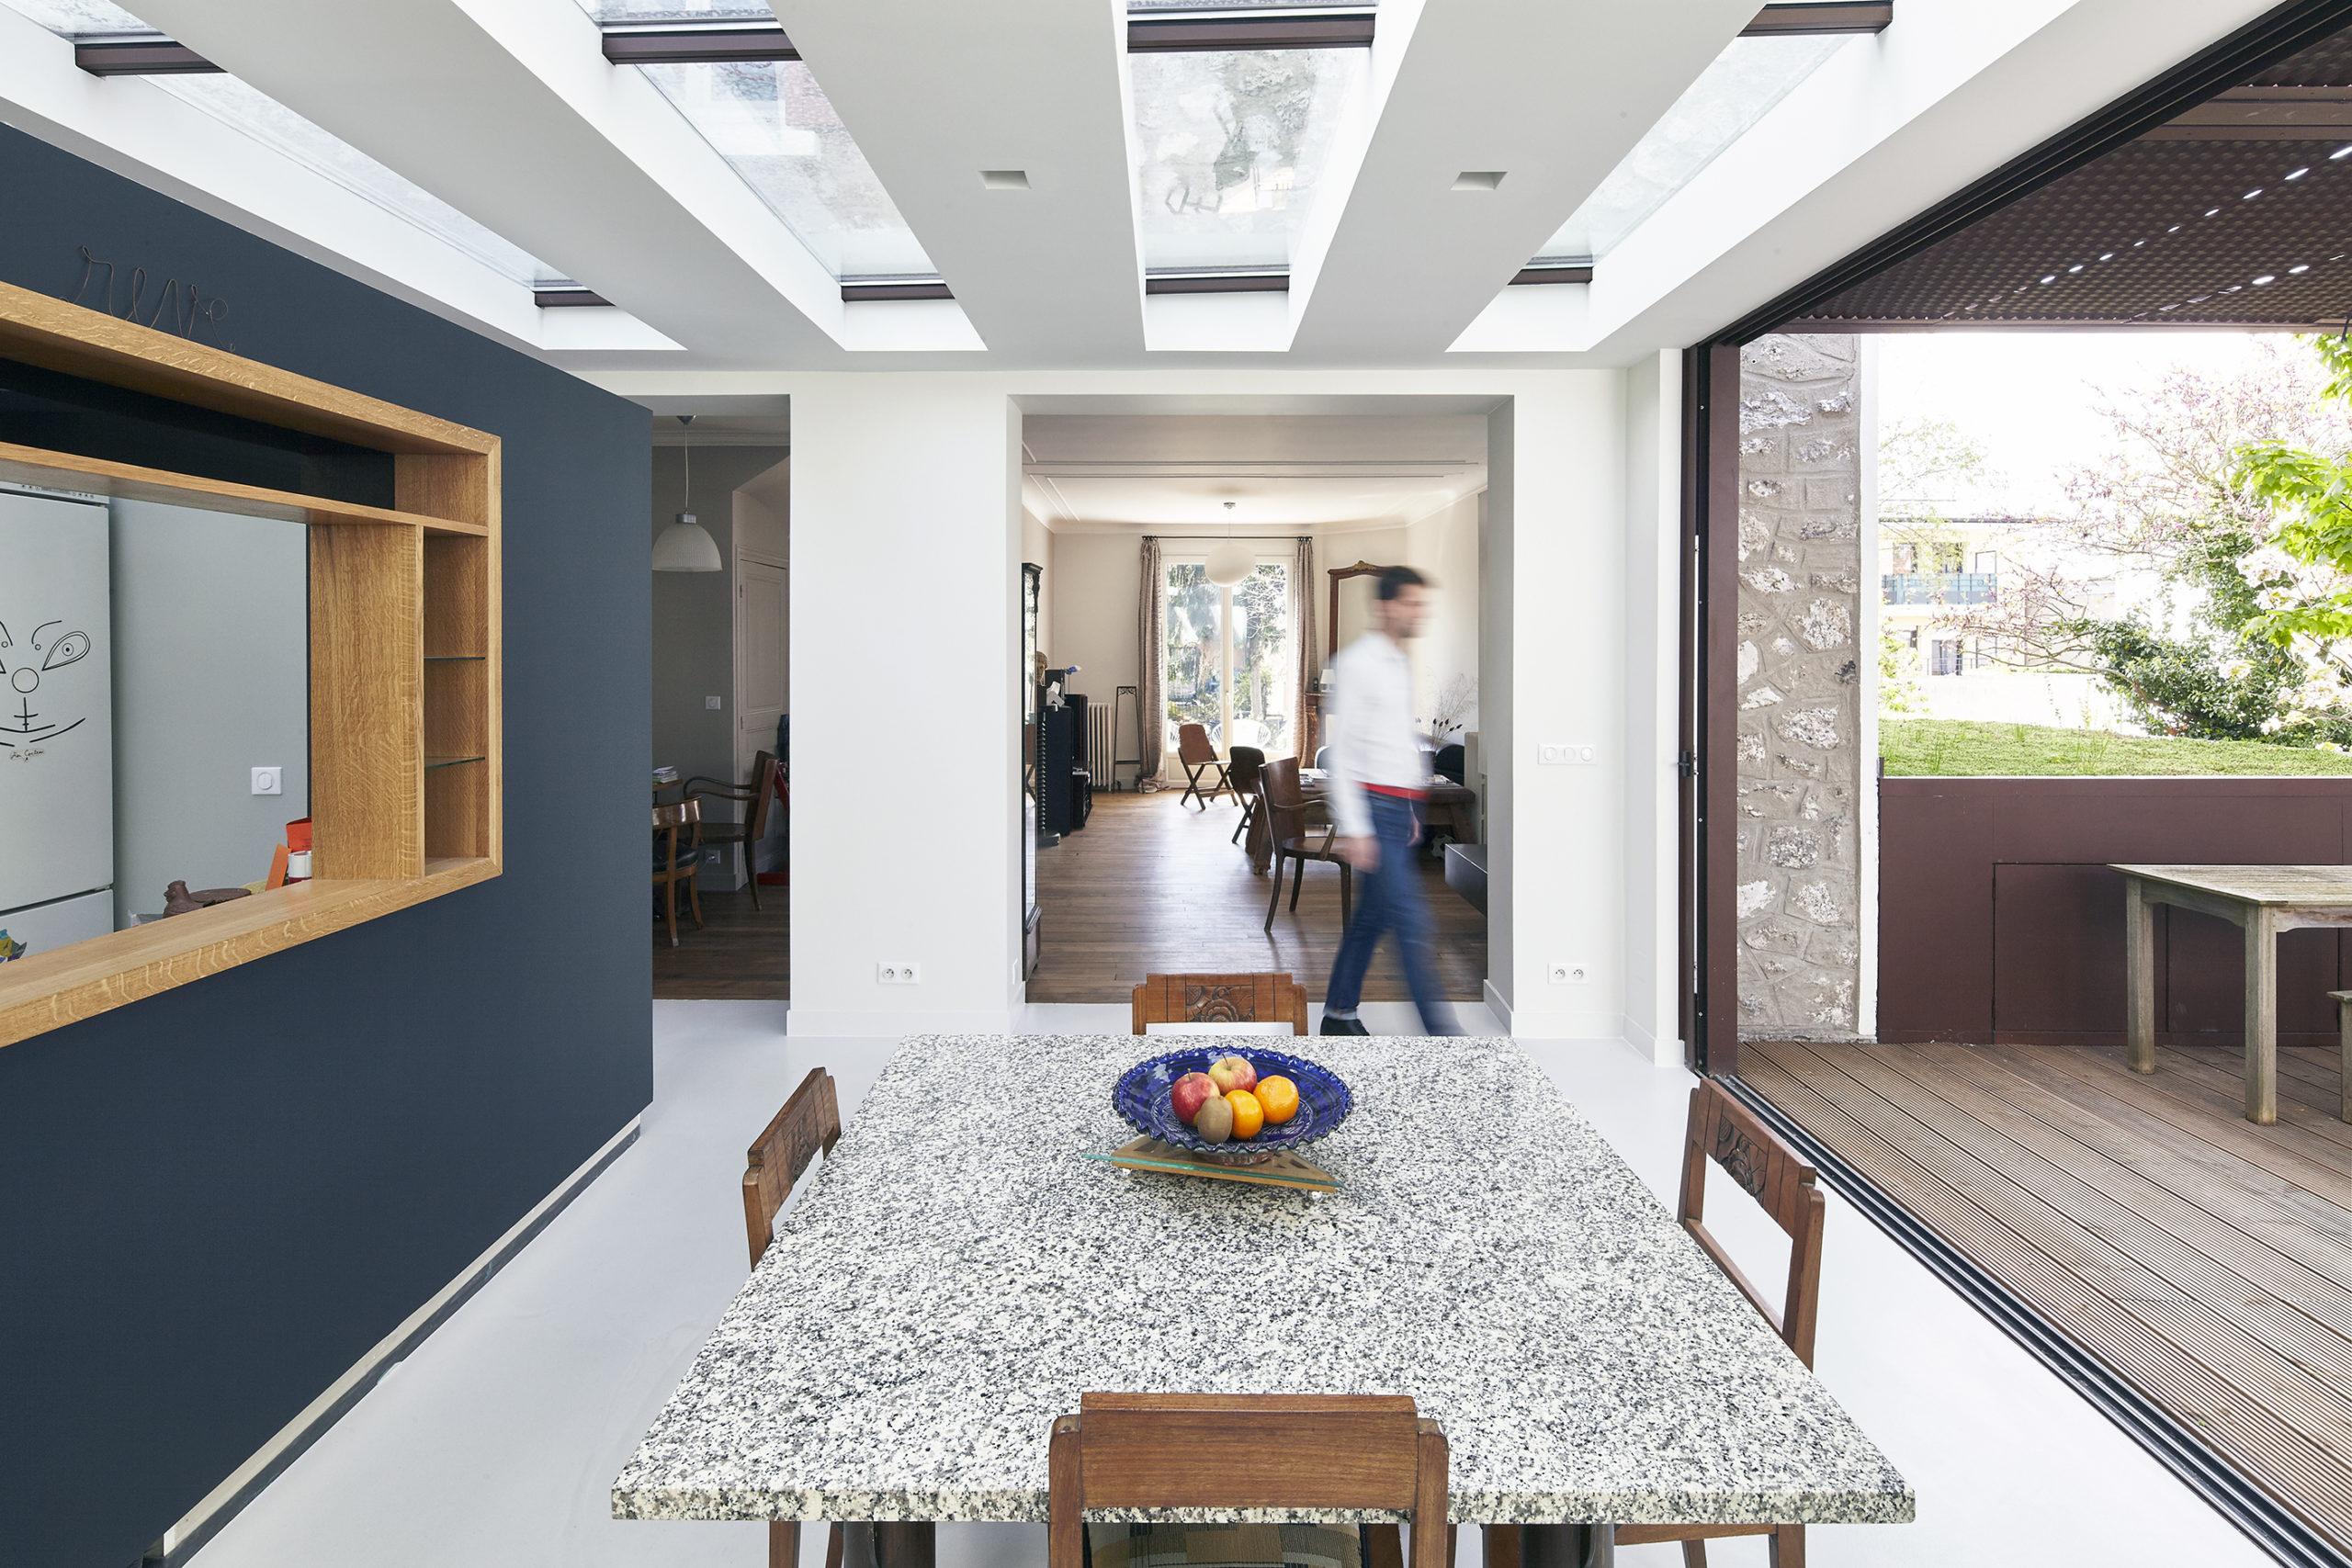 Photographie du séjour lumineux grâce aux ouvertures en toiture et à la grande baie donnant accès à la terrasse en bois. Les murs et le sol sont blancs sauf le mur de la cuisine en îlot qui est bleu. L'ouverture de l'îlot sur le séjour est soulignée par un cadre en bois.